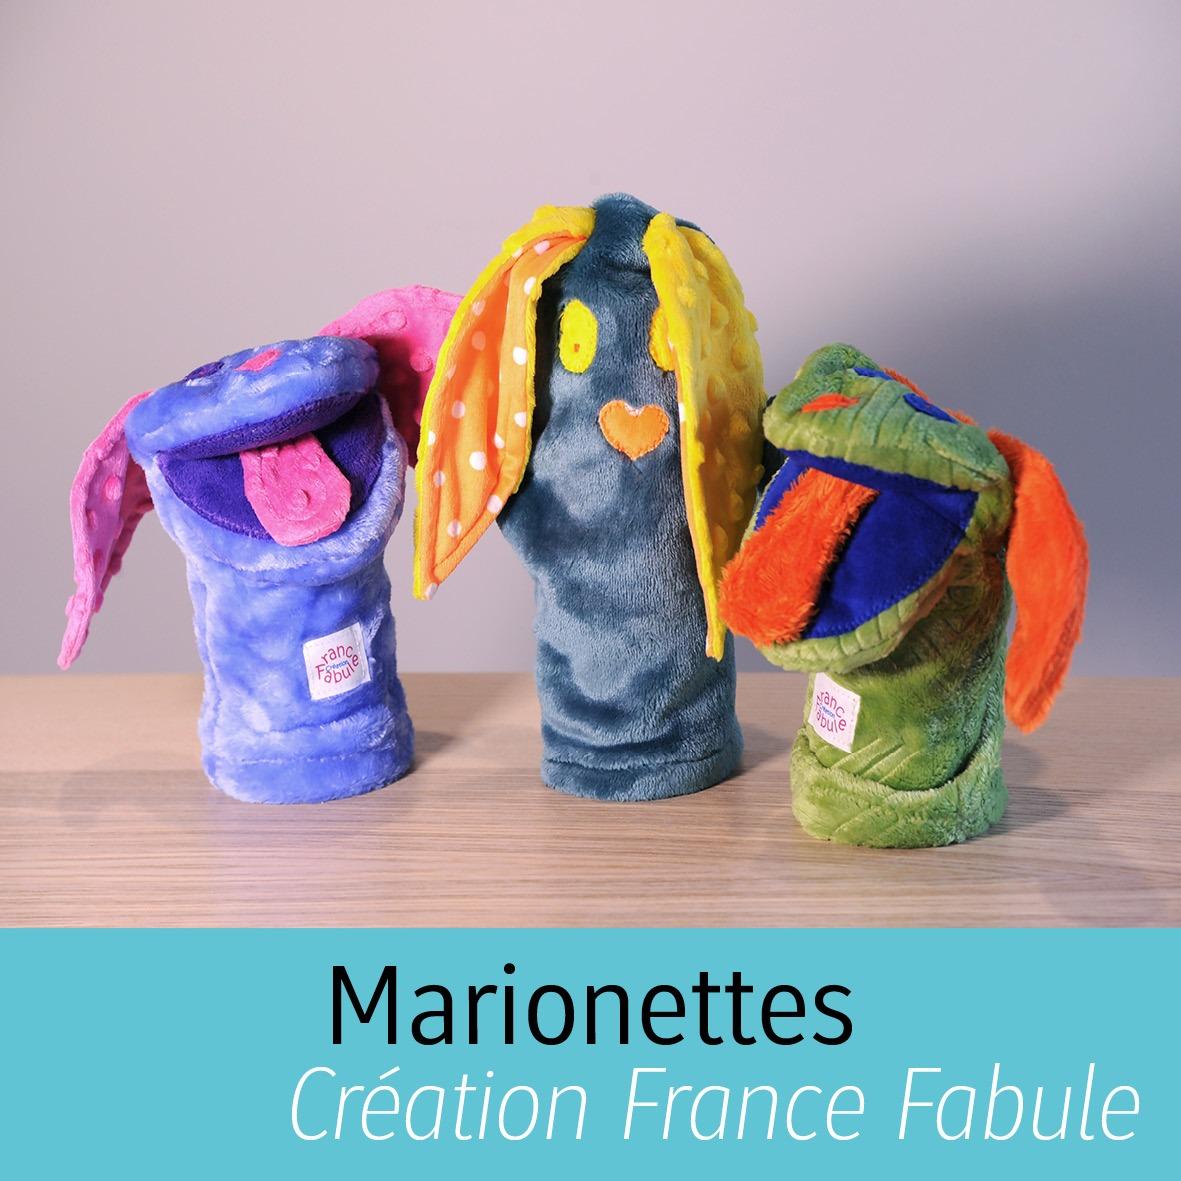 Marionnettes Créations France Fabule de Manu Factum